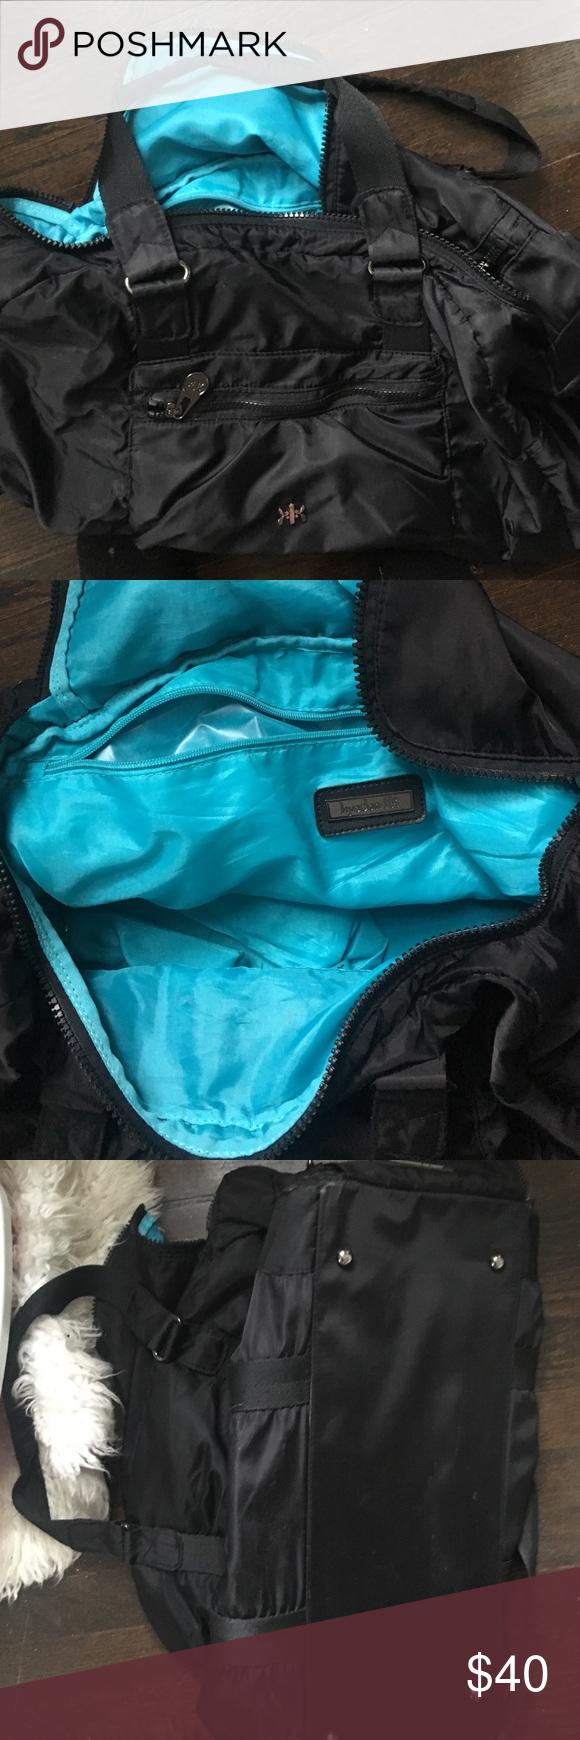 3da5c4fbff Kyodan Gym Bag Price